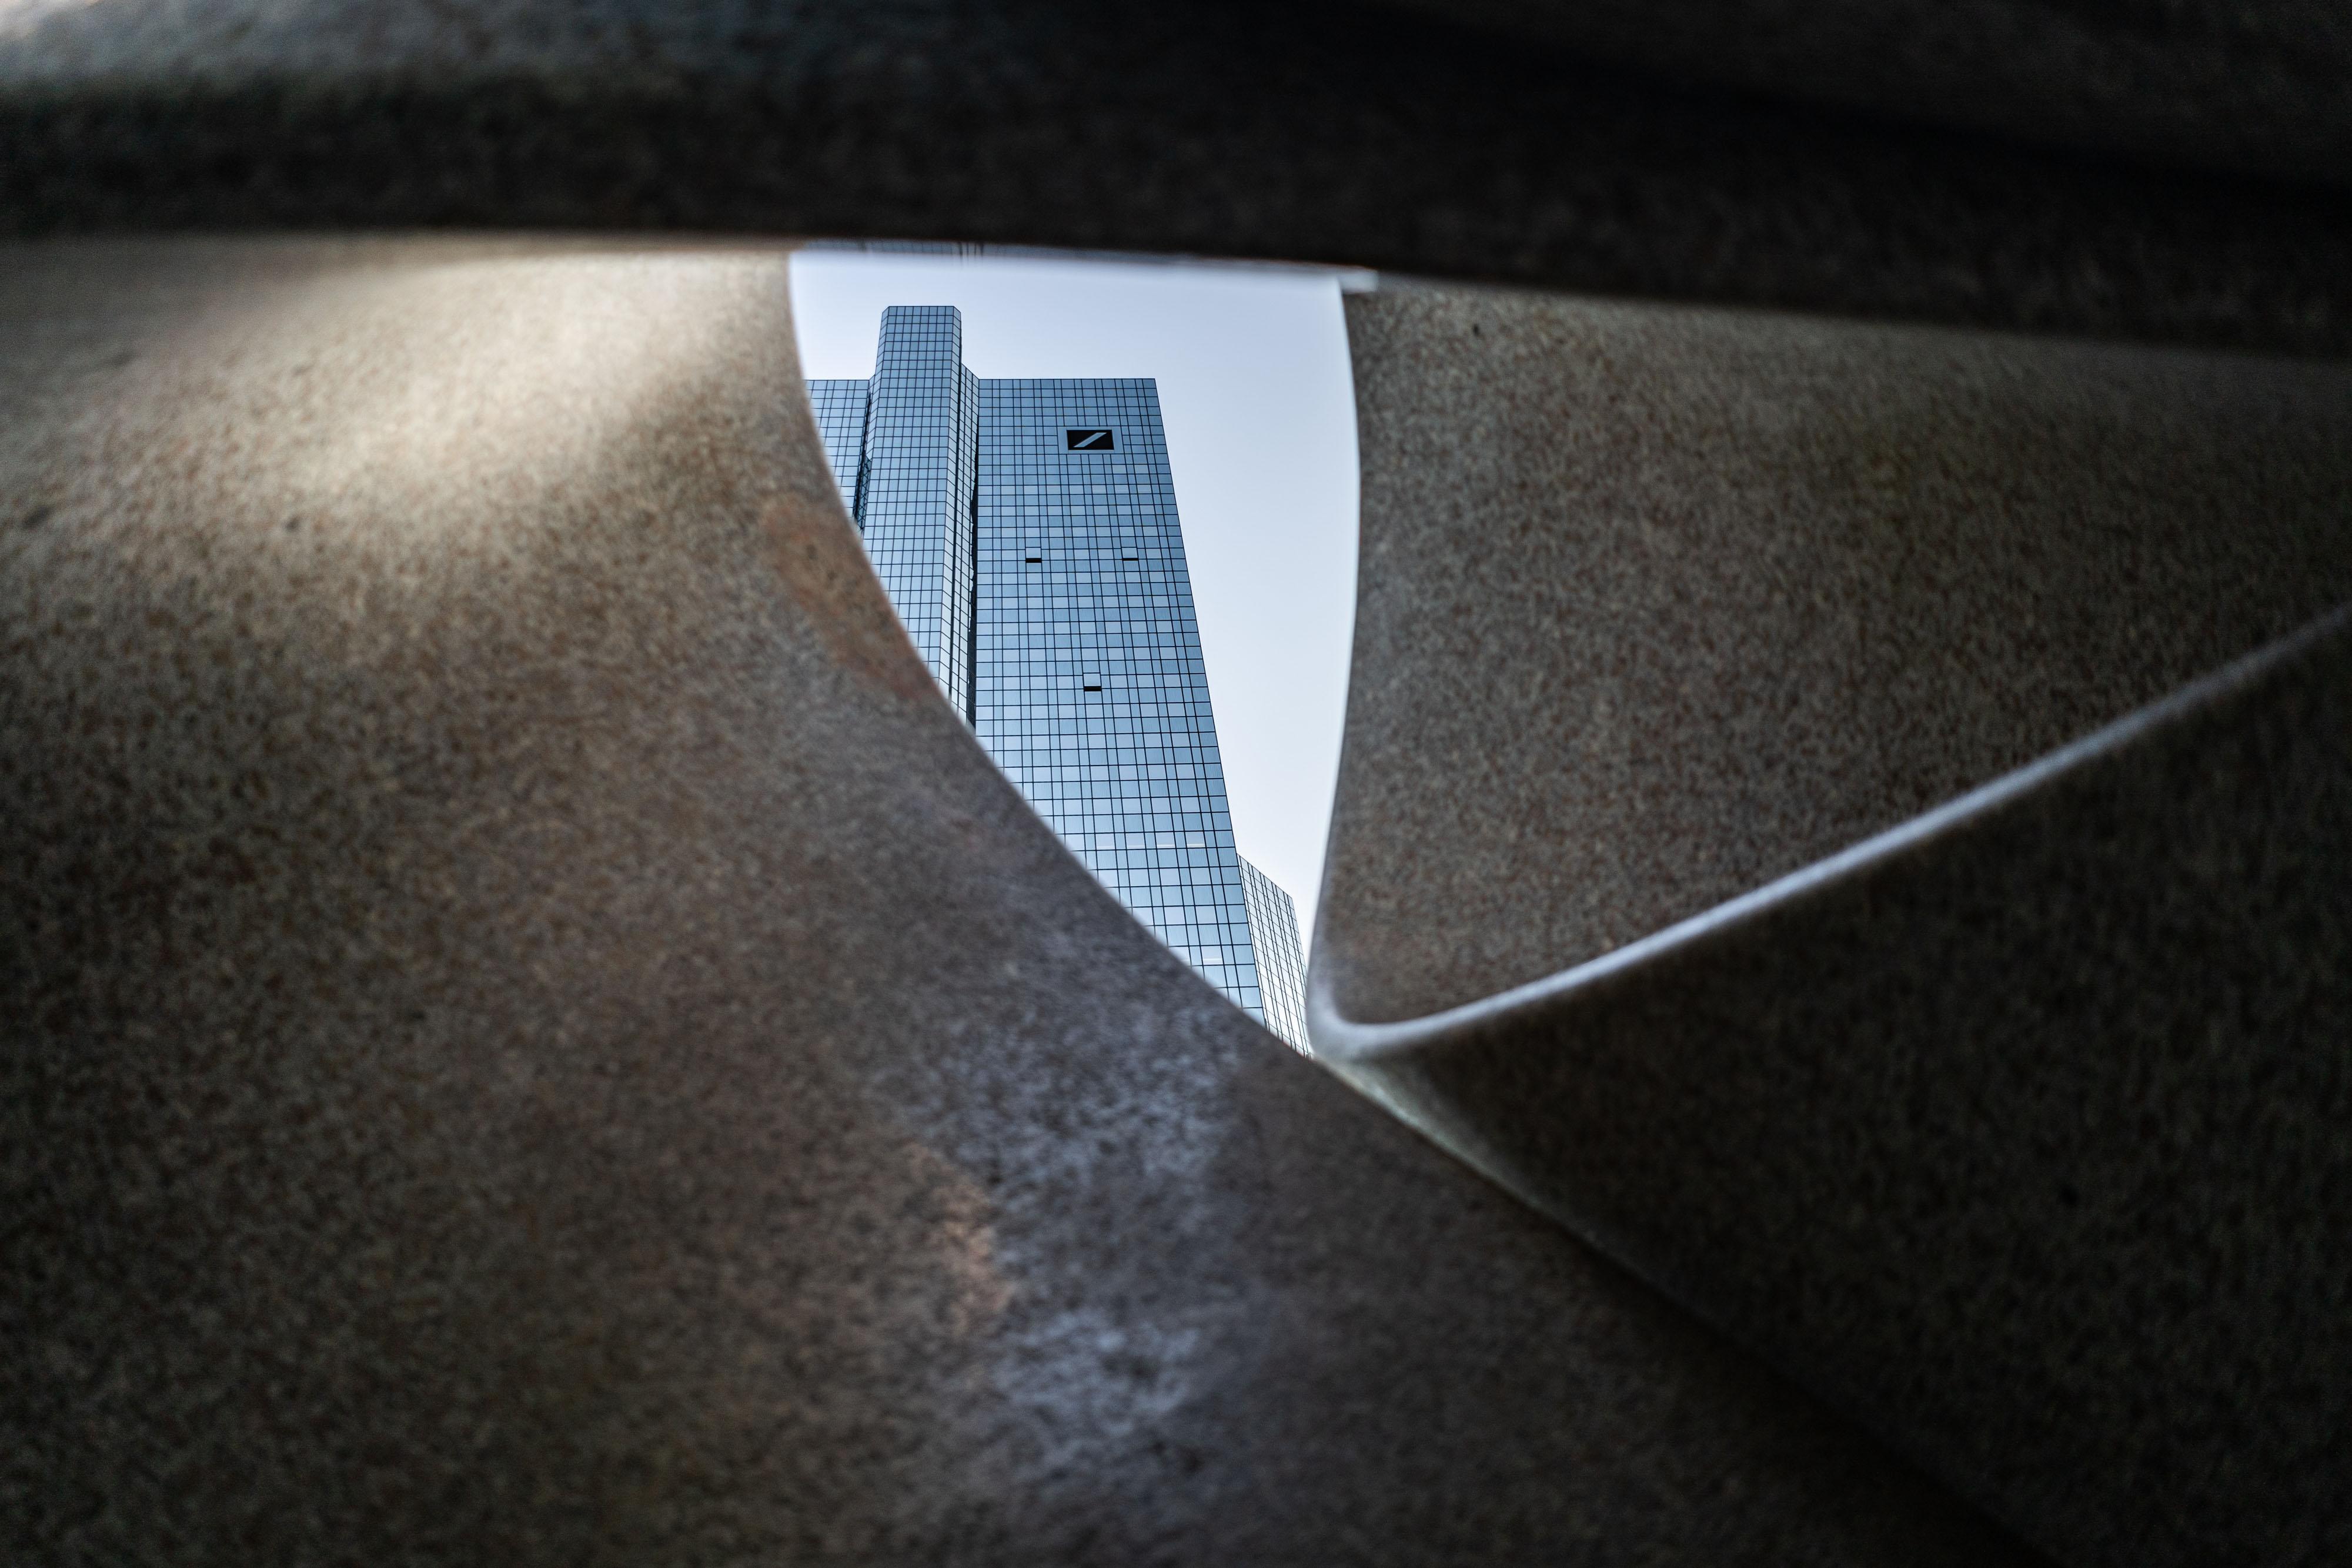 ドイツ銀、18億円支払いでSECと合意-政府当局者の親族採用巡り - Bloomberg